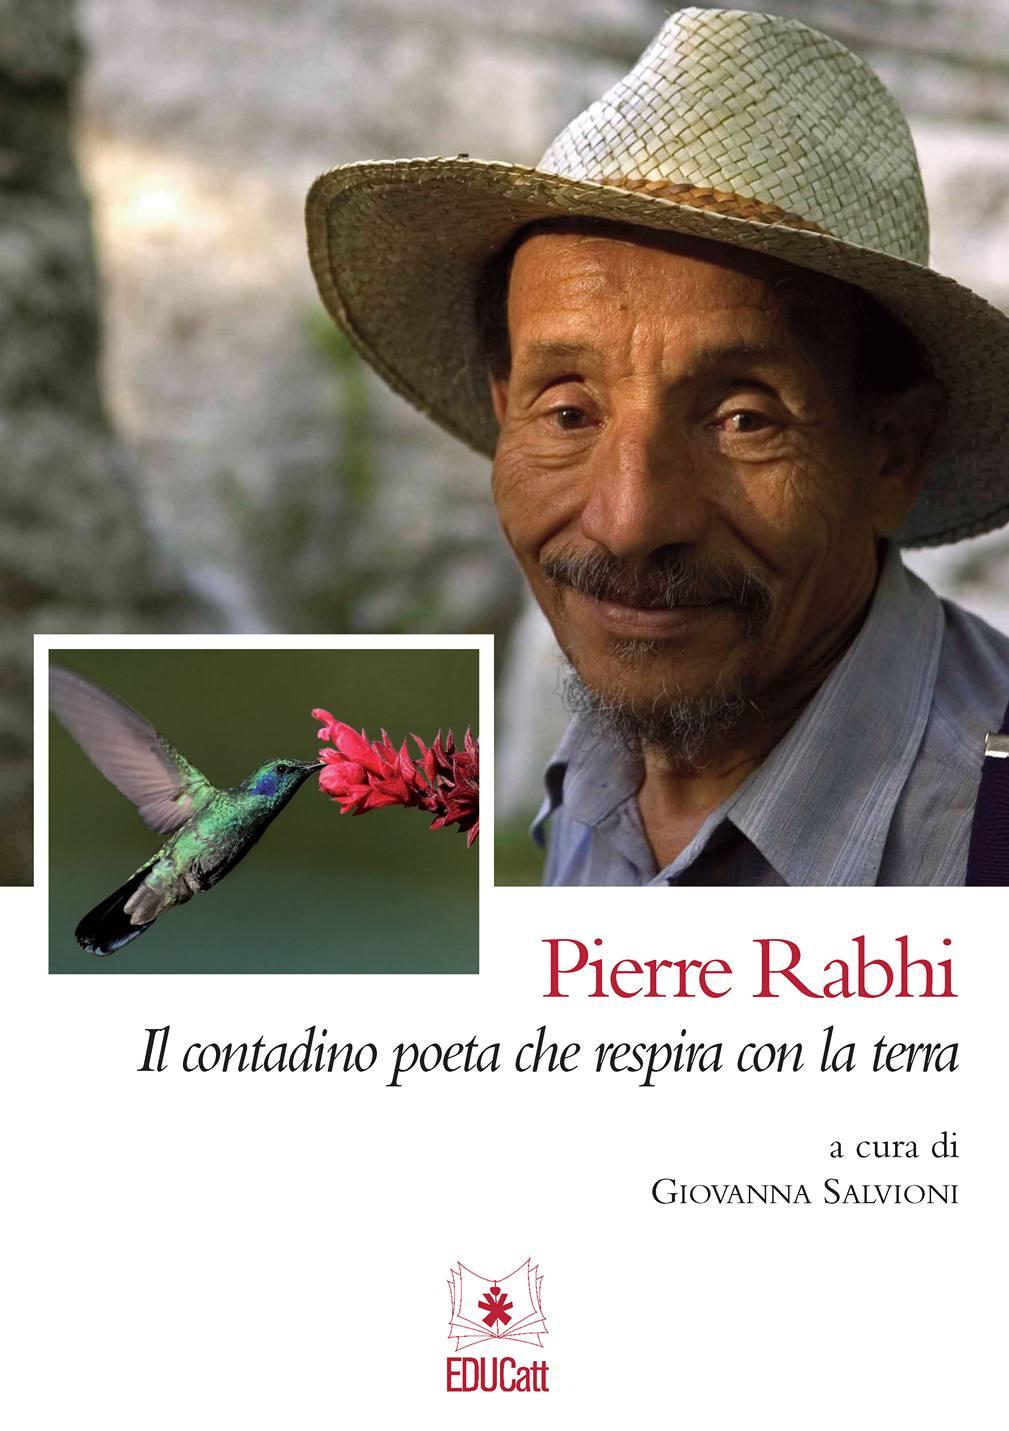 PIERRE RABHI IL CONTADINO POETA CHE RESPIRA LA TERRA